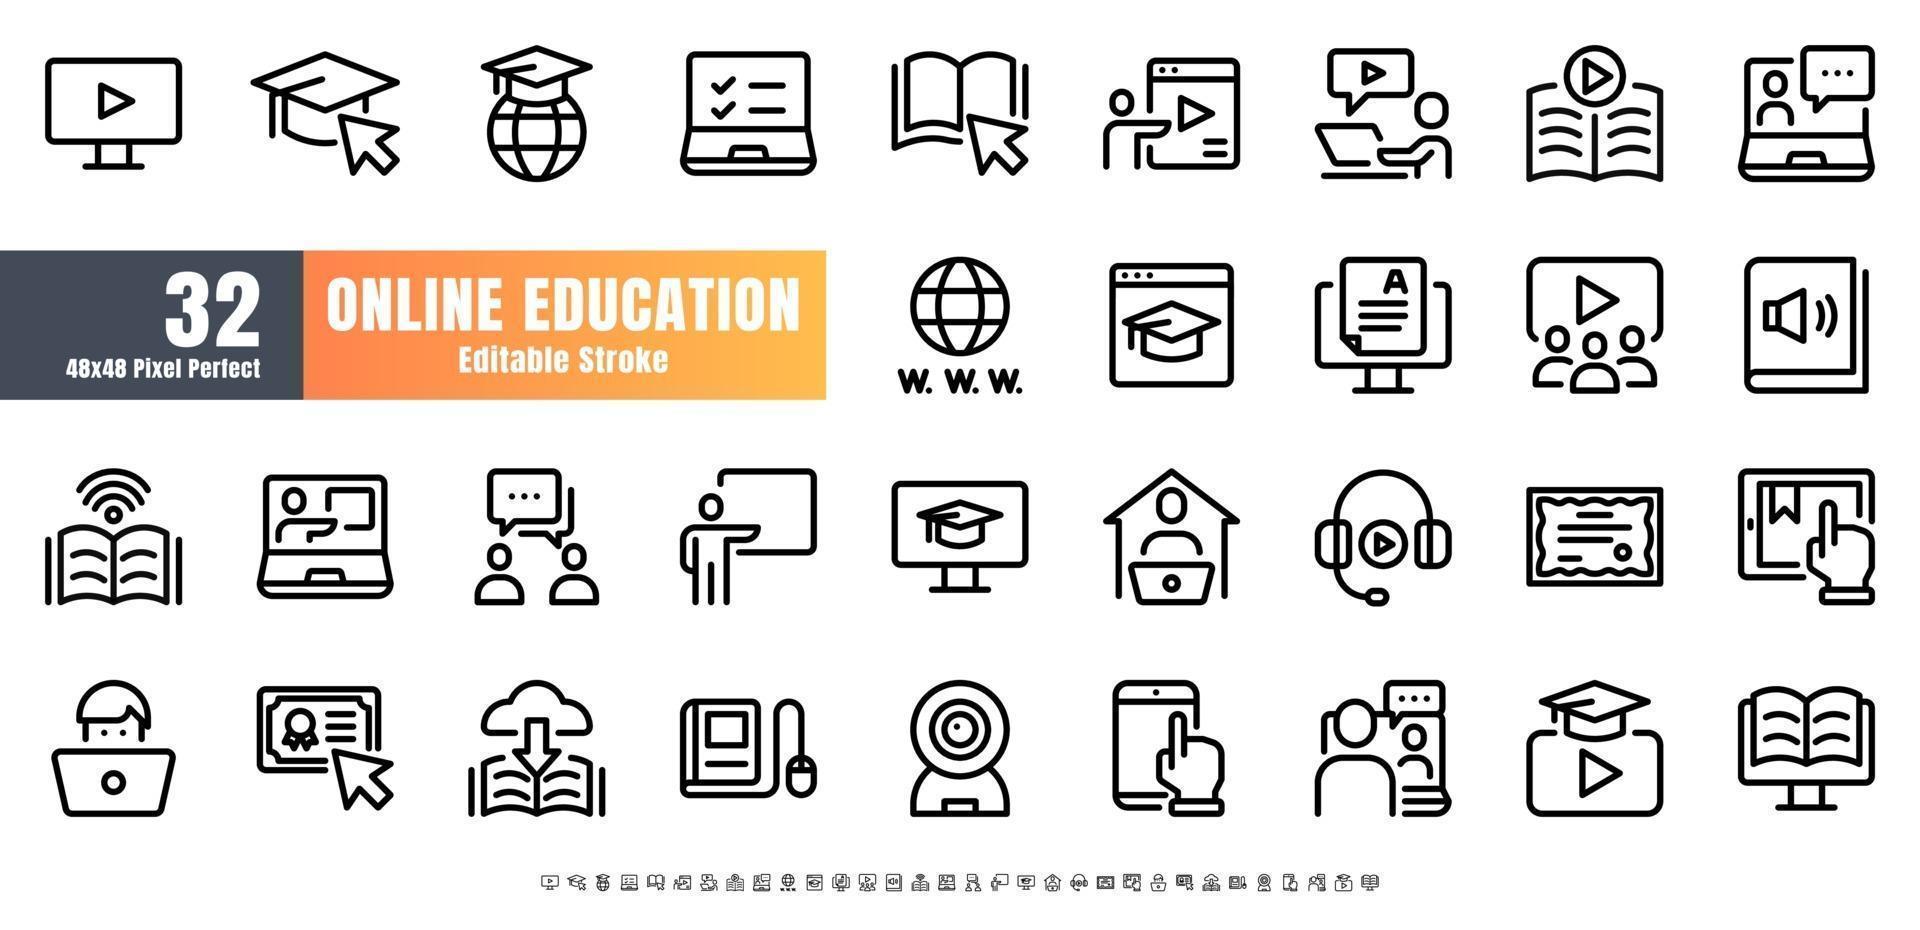 48x48 píxeles perfectos. vector de conjunto de iconos de contorno de línea de educación en línea. trazo editable.